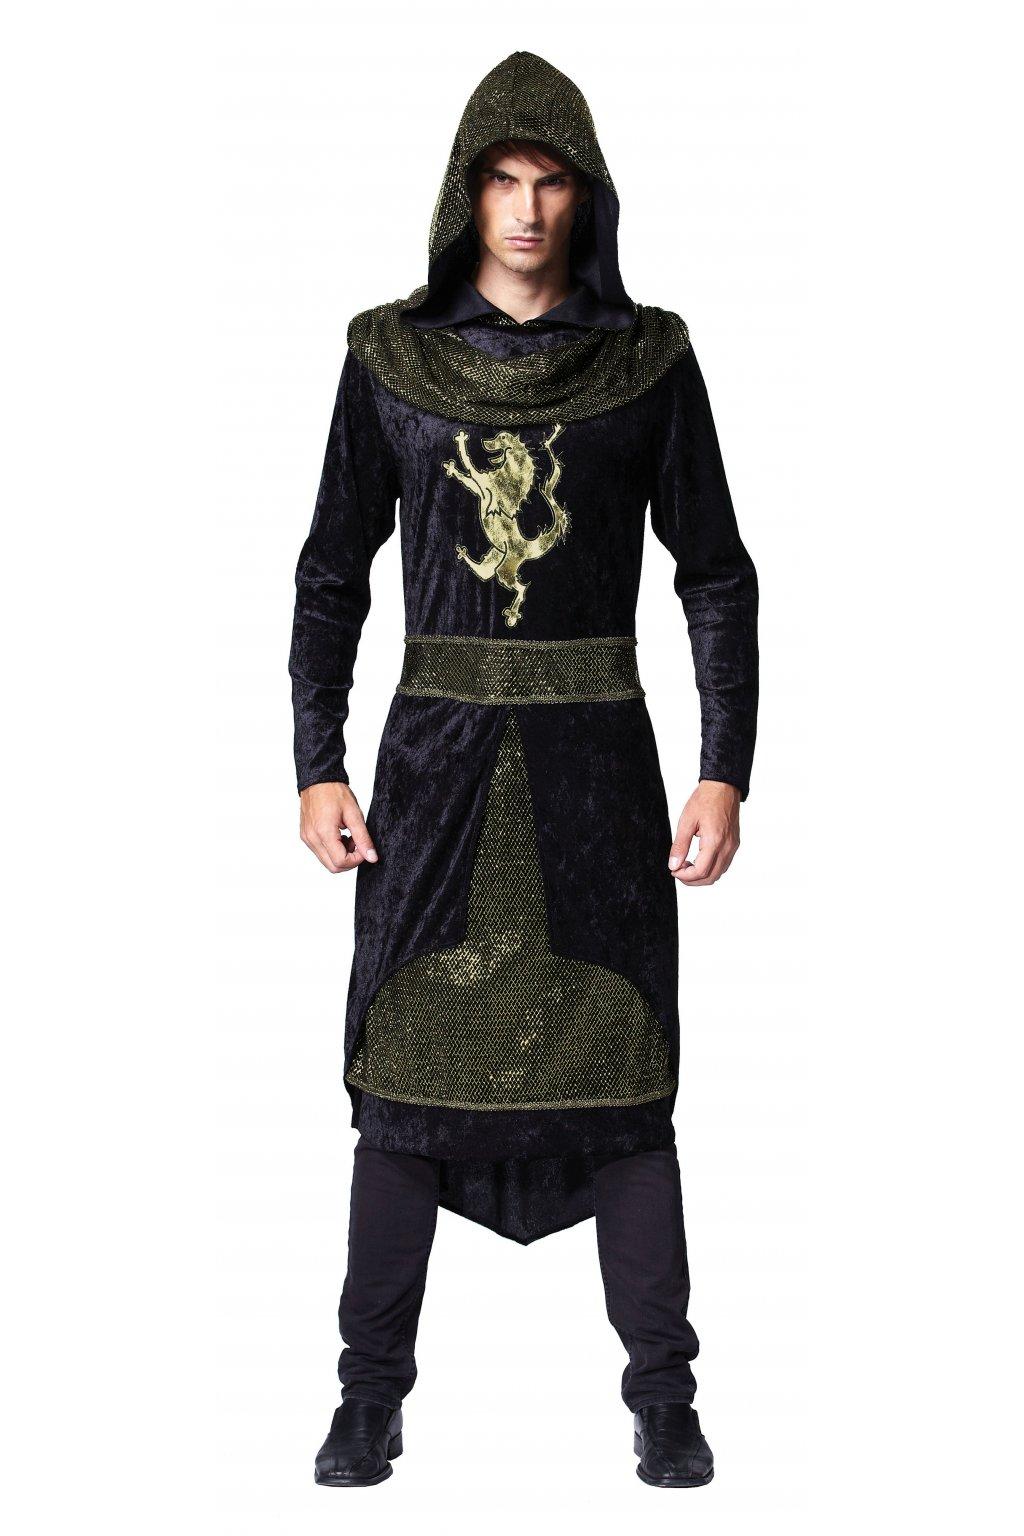 Středověký kostým prince